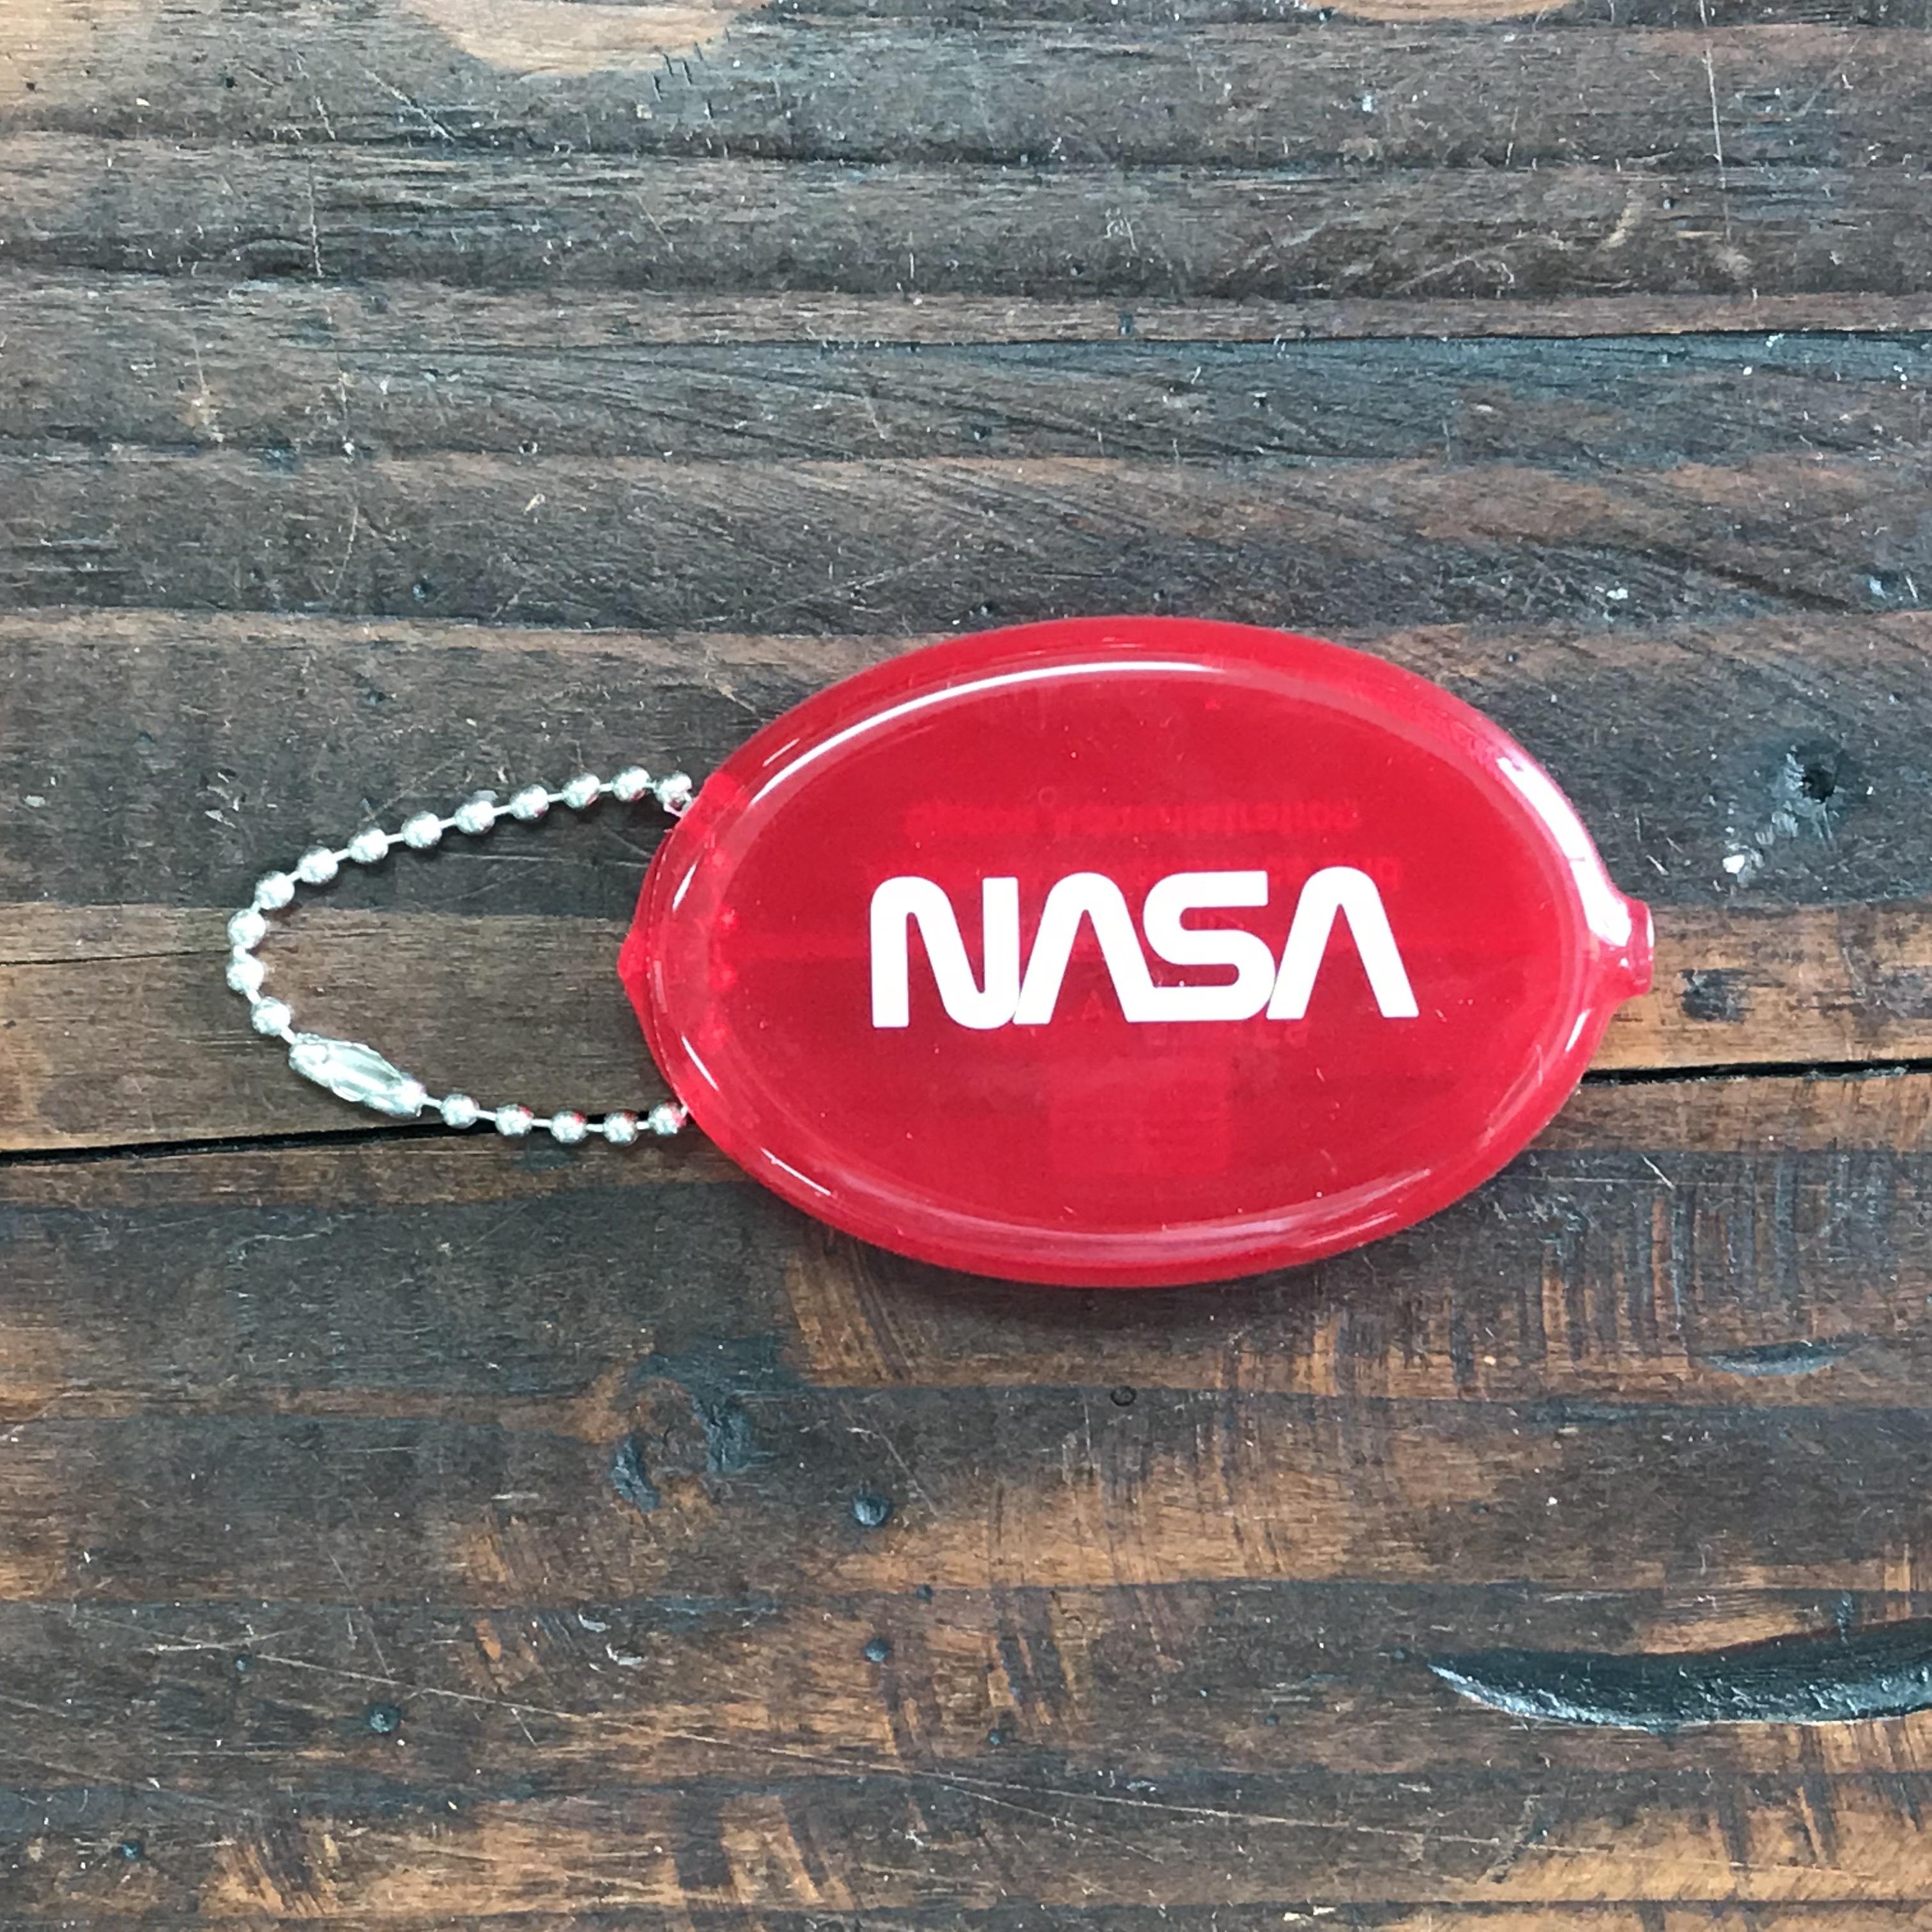 NASAコインケースキーチェーン・ロゴタイプ(ワーム)